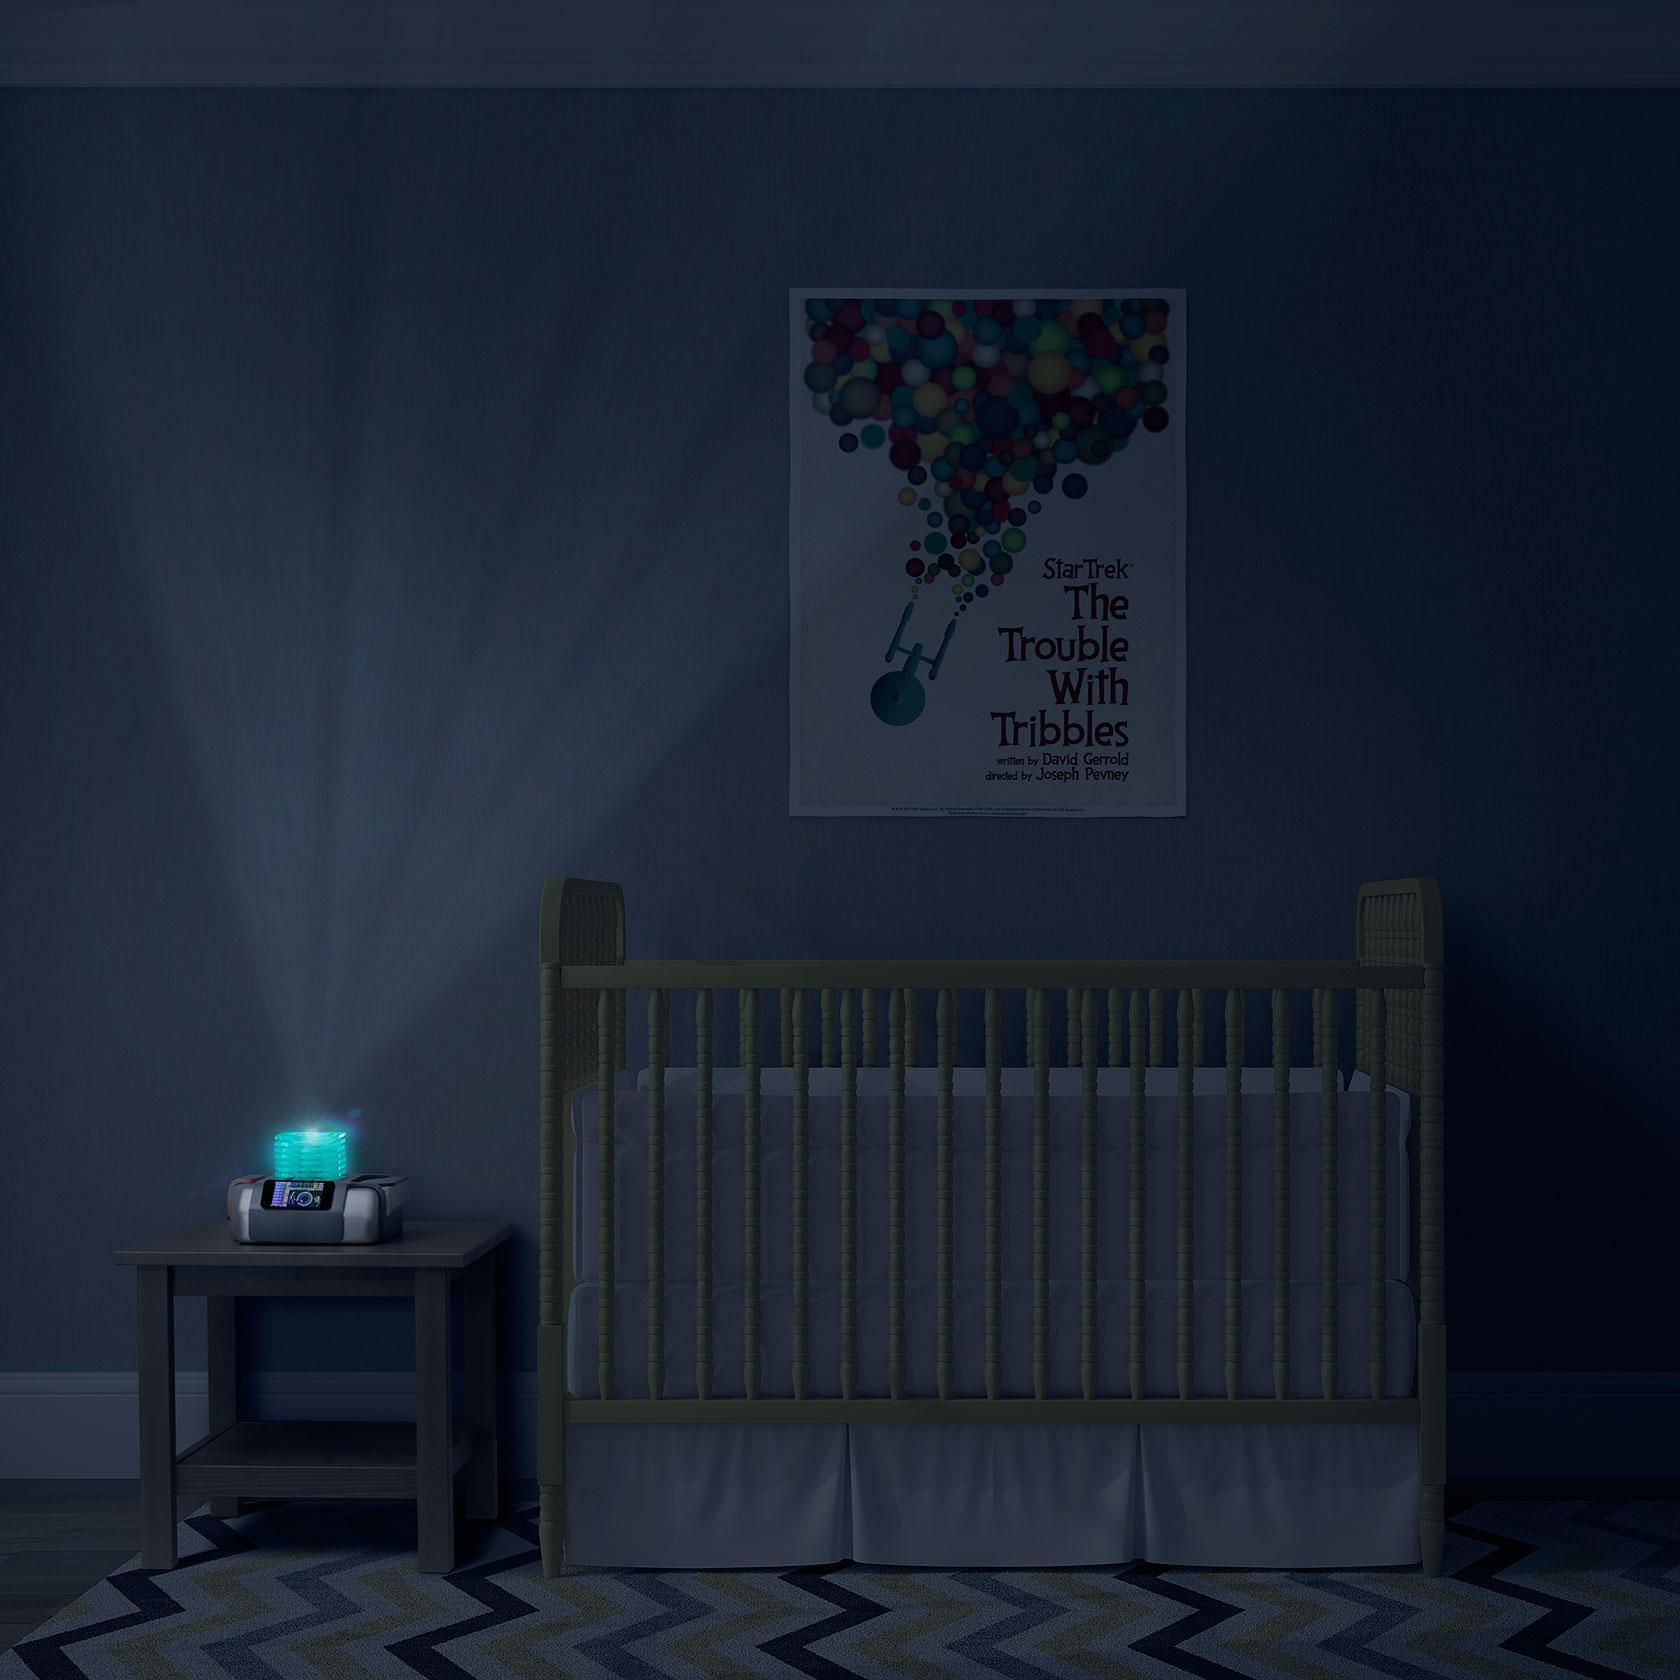 ivmt_st_white_noise_sleep_machine_kidsroom-pr